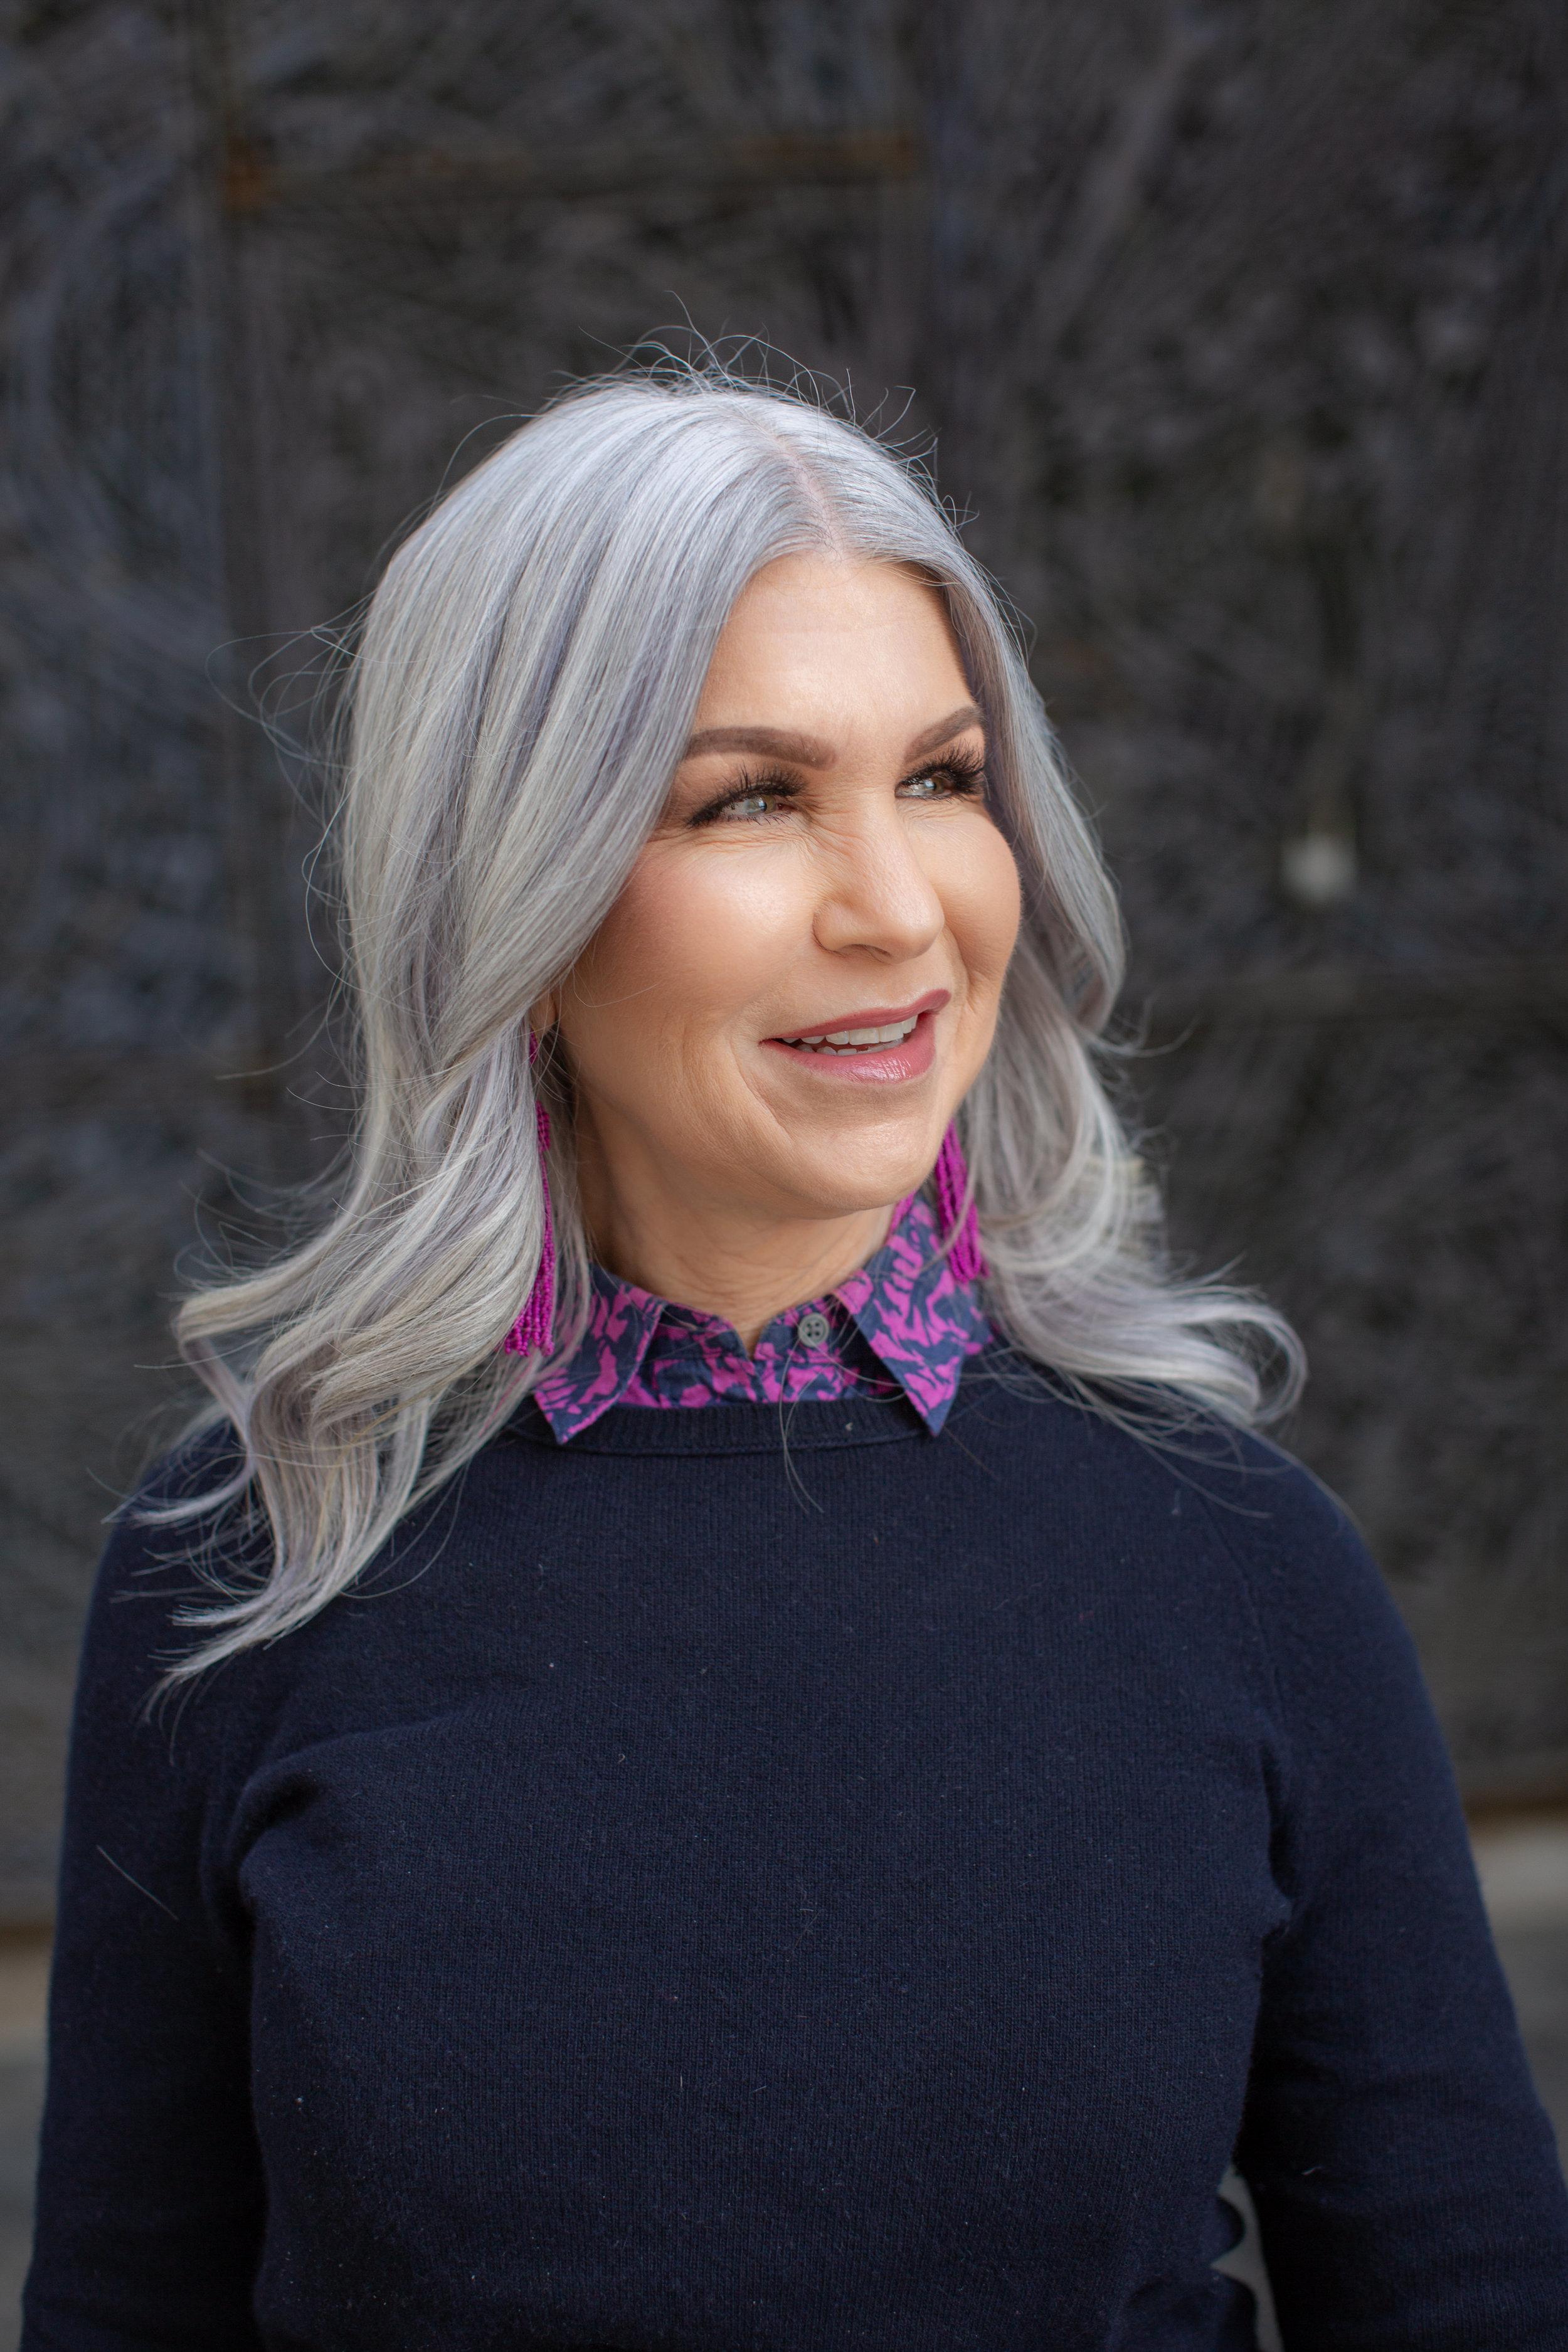 Lisa Hale gingham pants greenville 2019-57.jpg